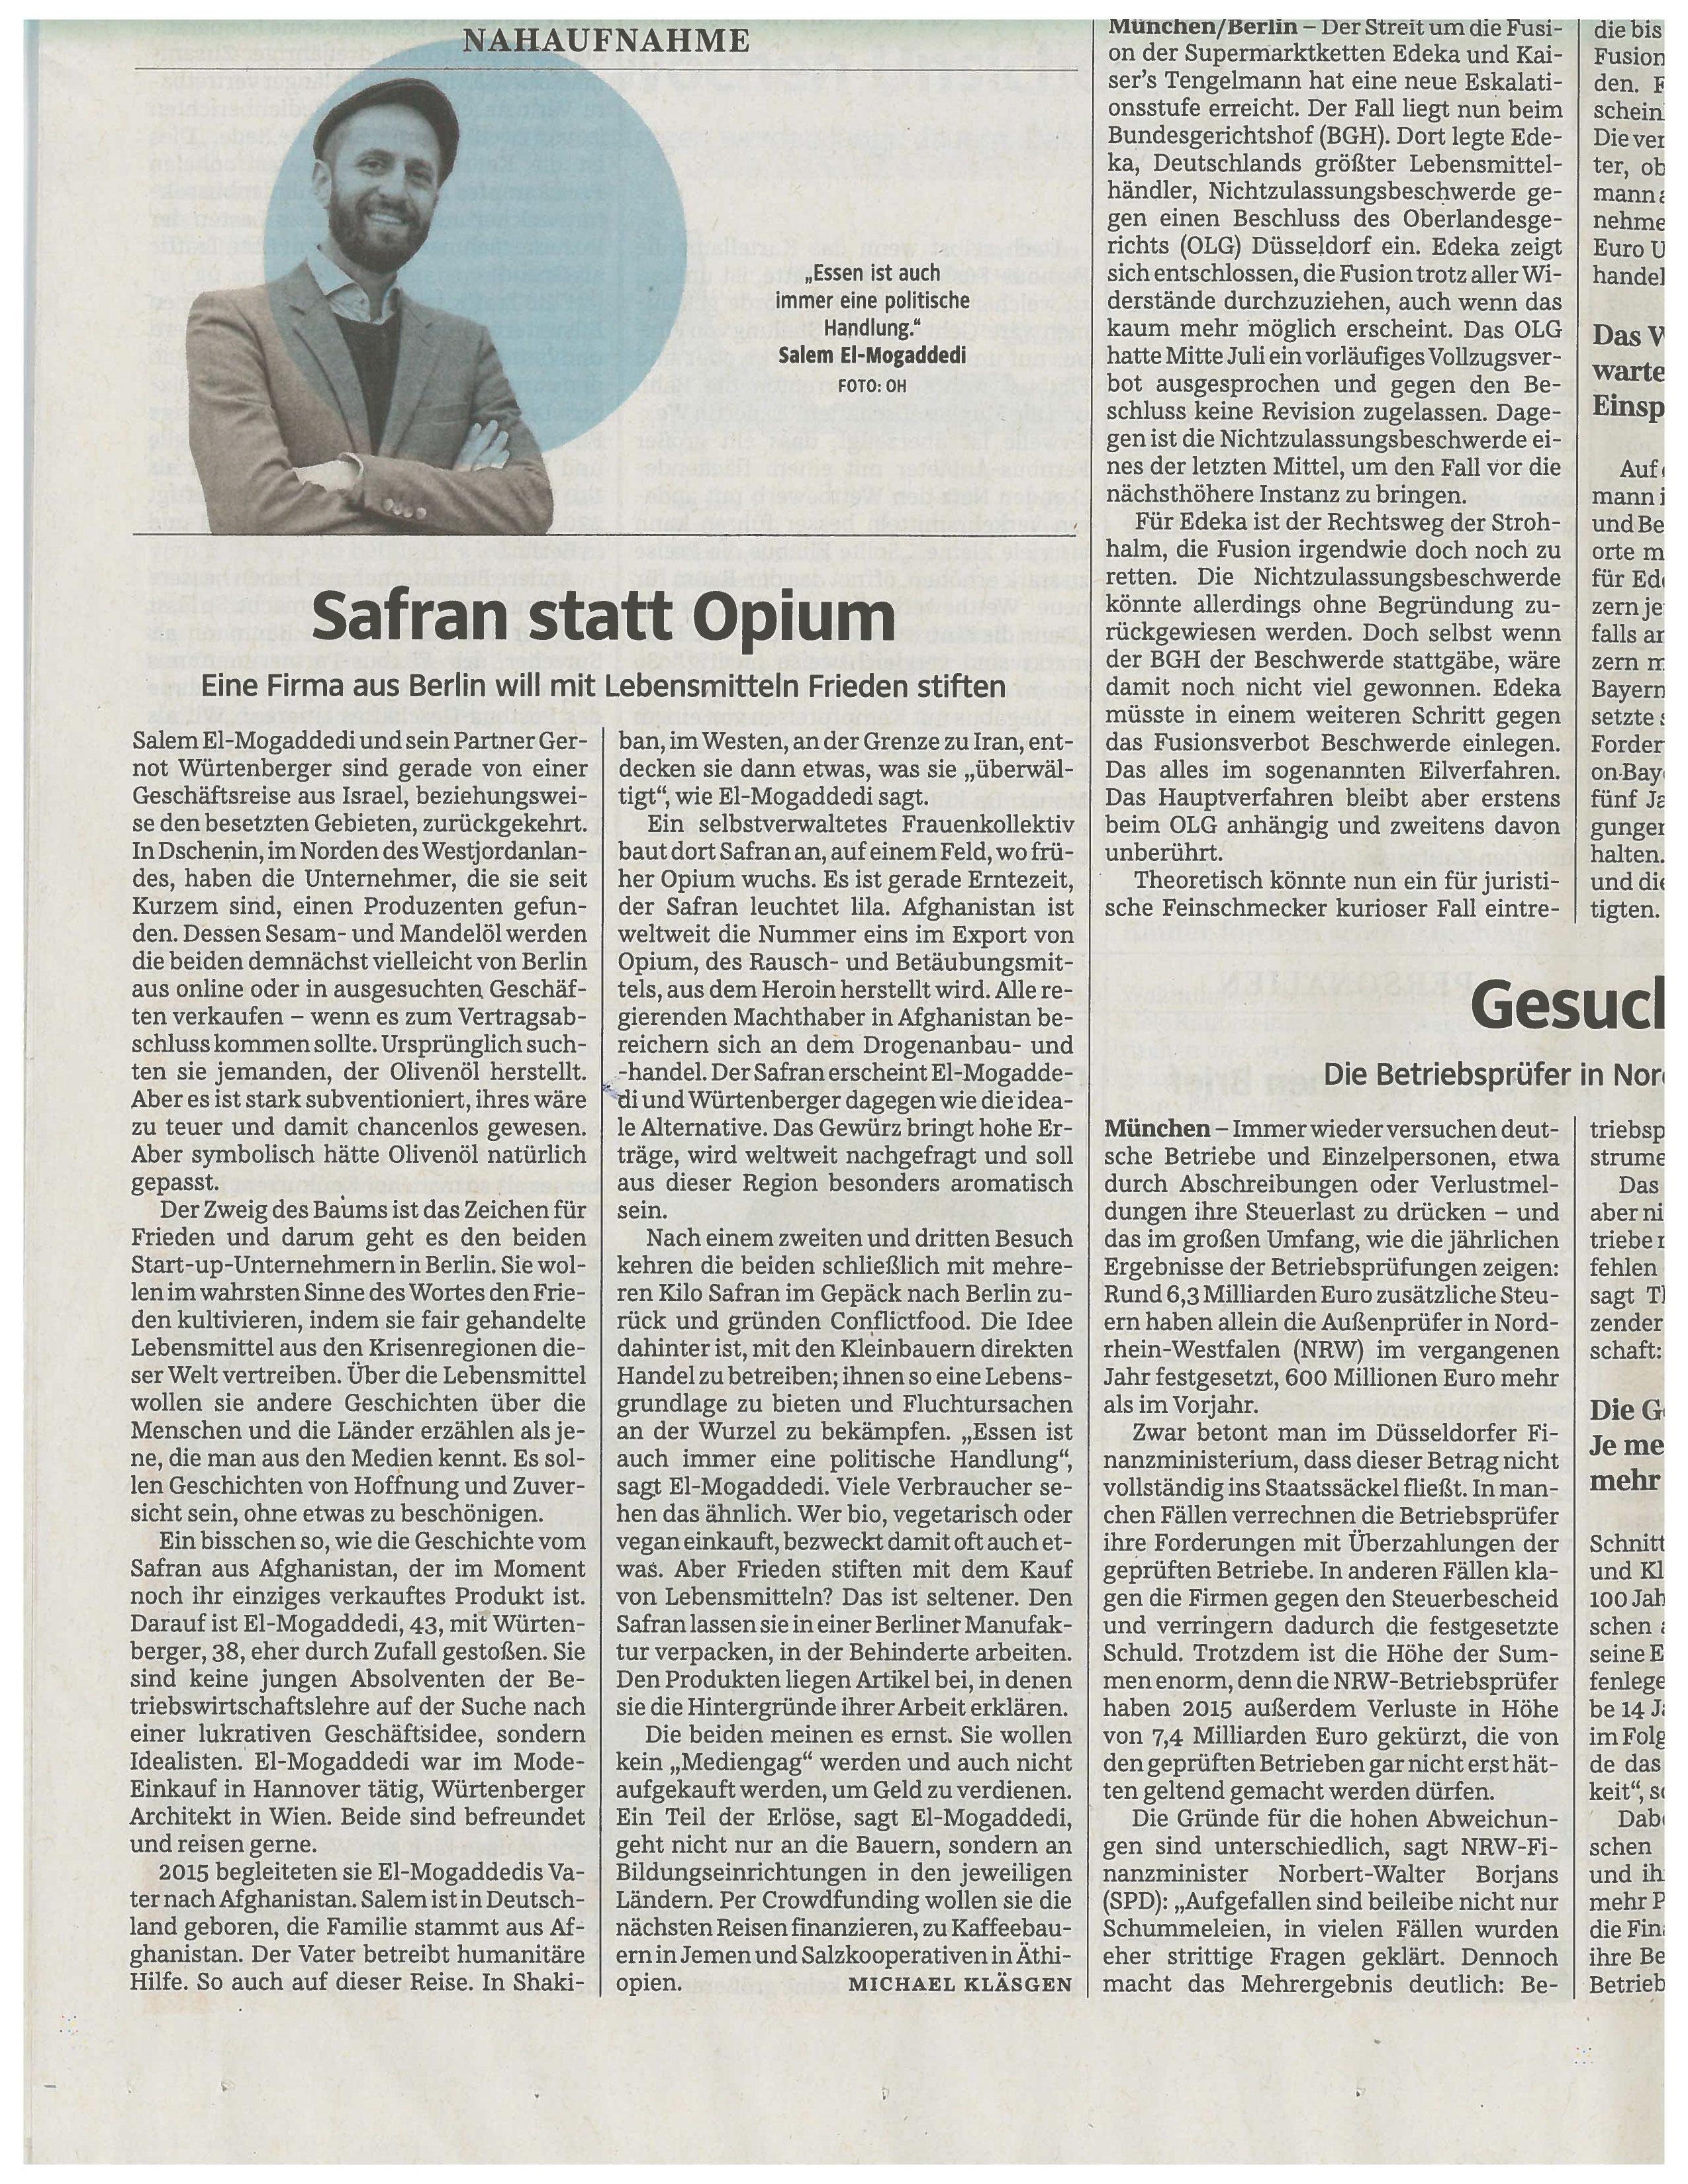 suddeutsche